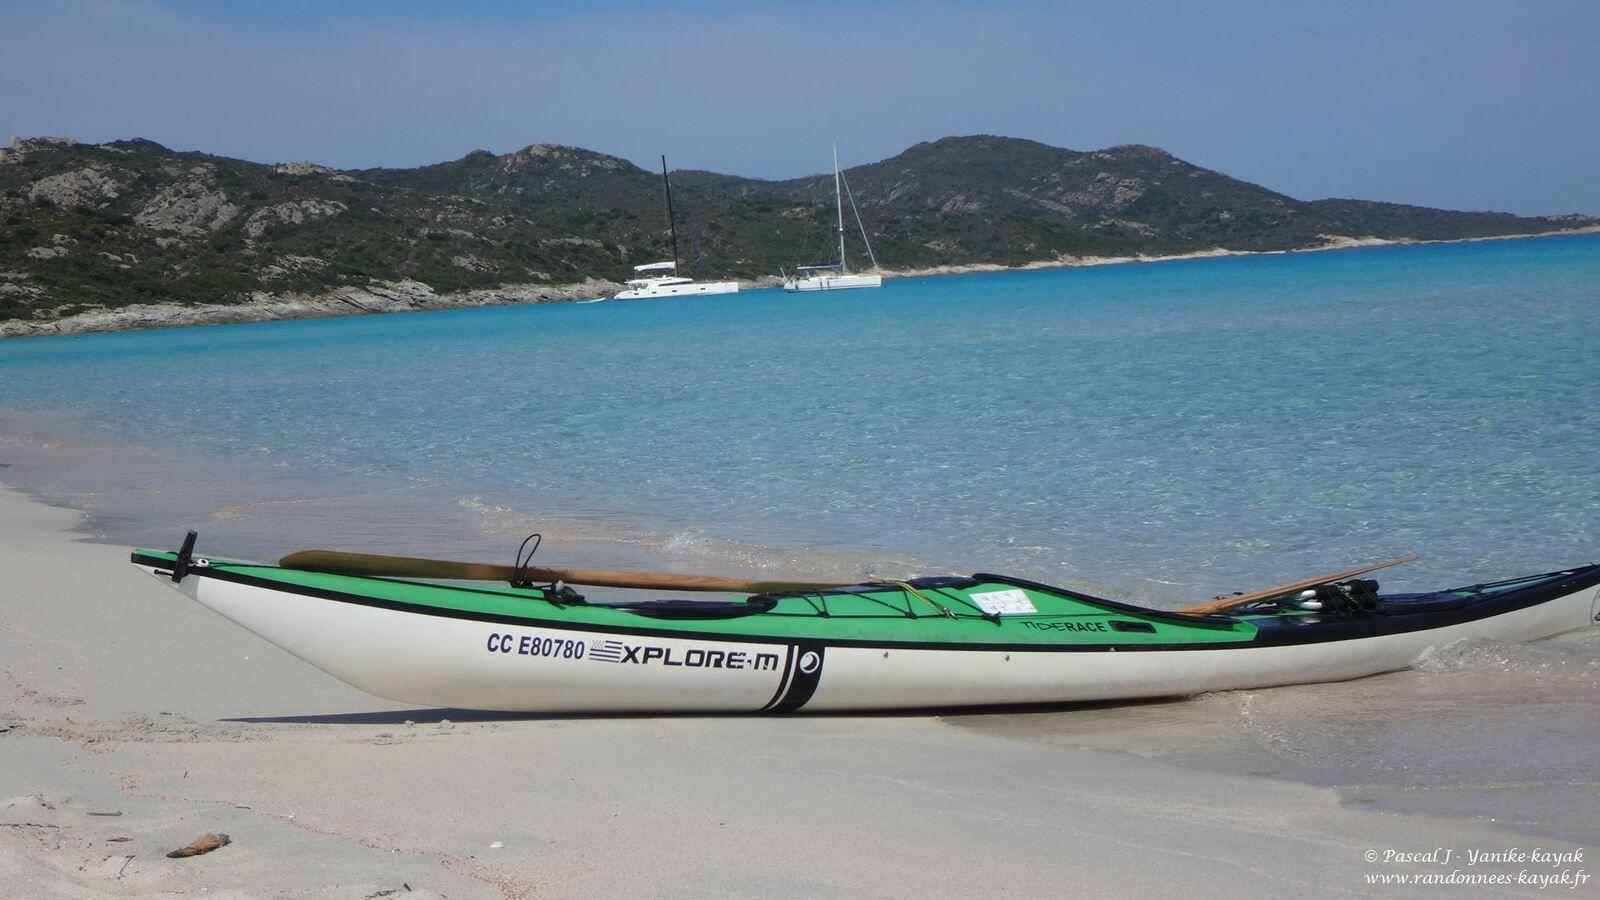 Corsica 2021, la beauté, essentielle, de la nature - Chapitre 3 : les Agriates, de Mignola à Saint-Florent